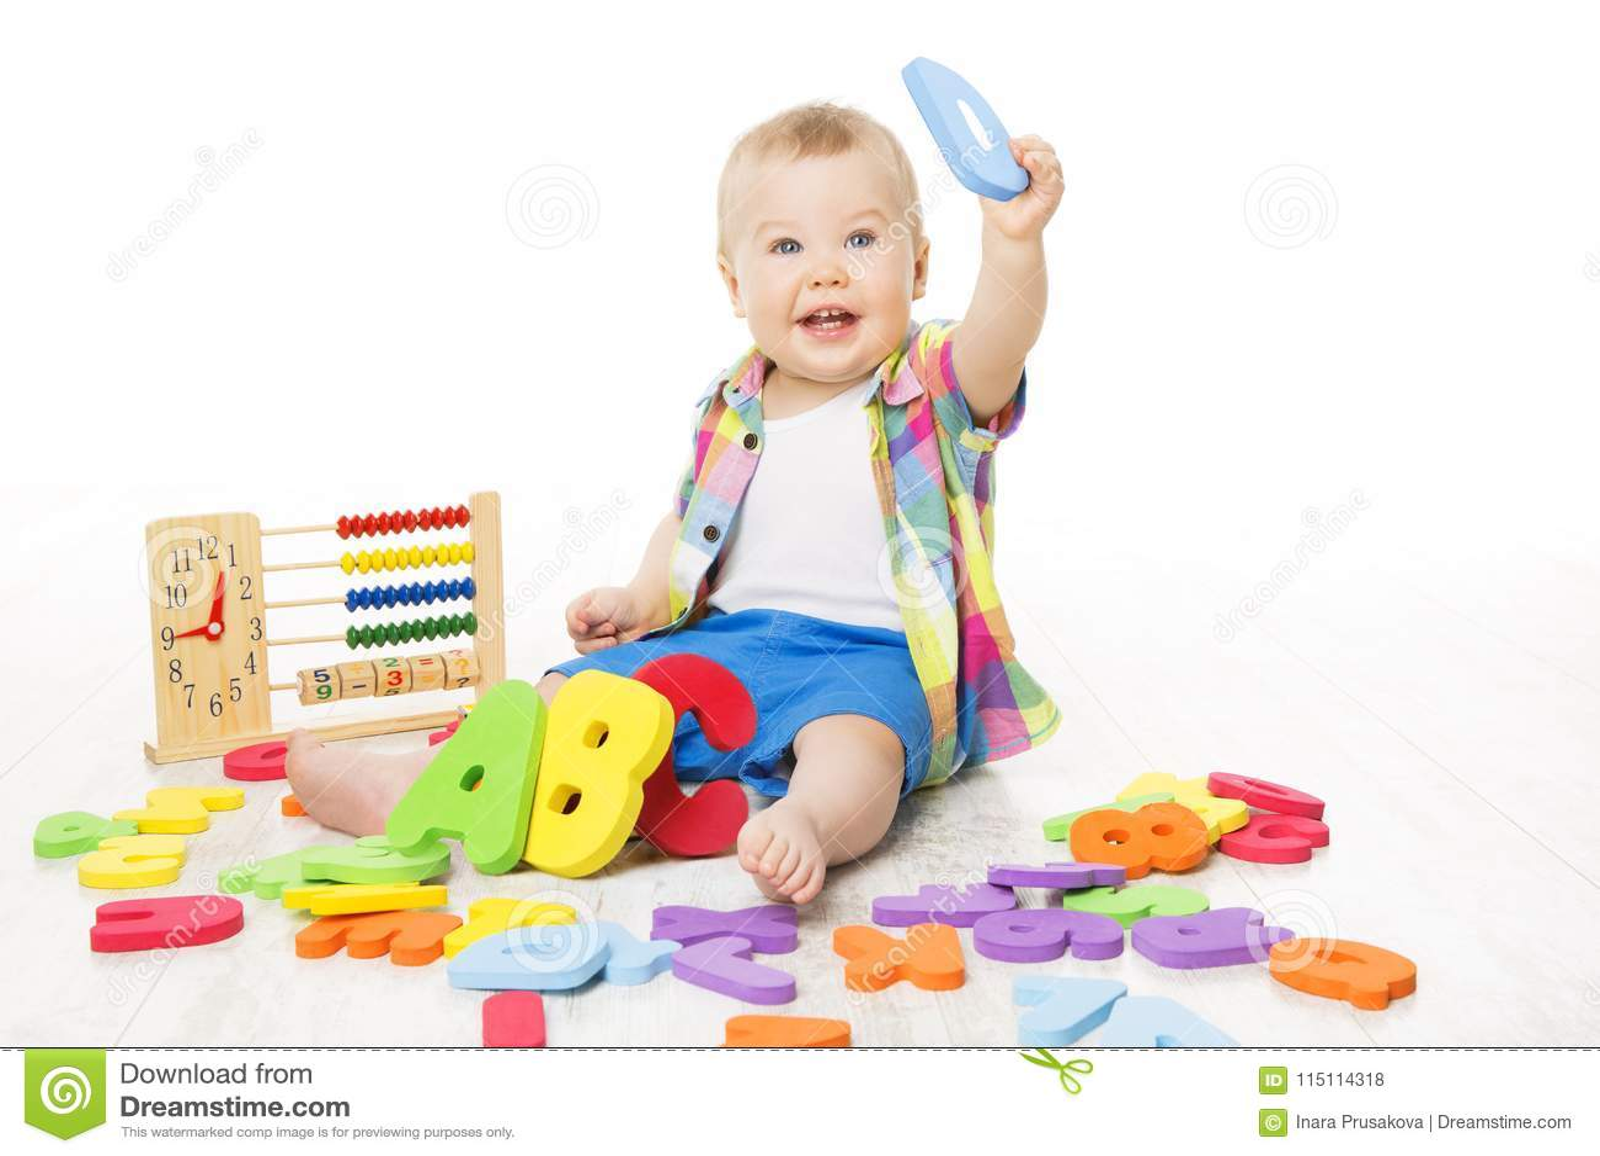 Baby-Alphabet-und Mathe-Spielwaren, Kind, das Abakus ABC-Buchstaben spielt